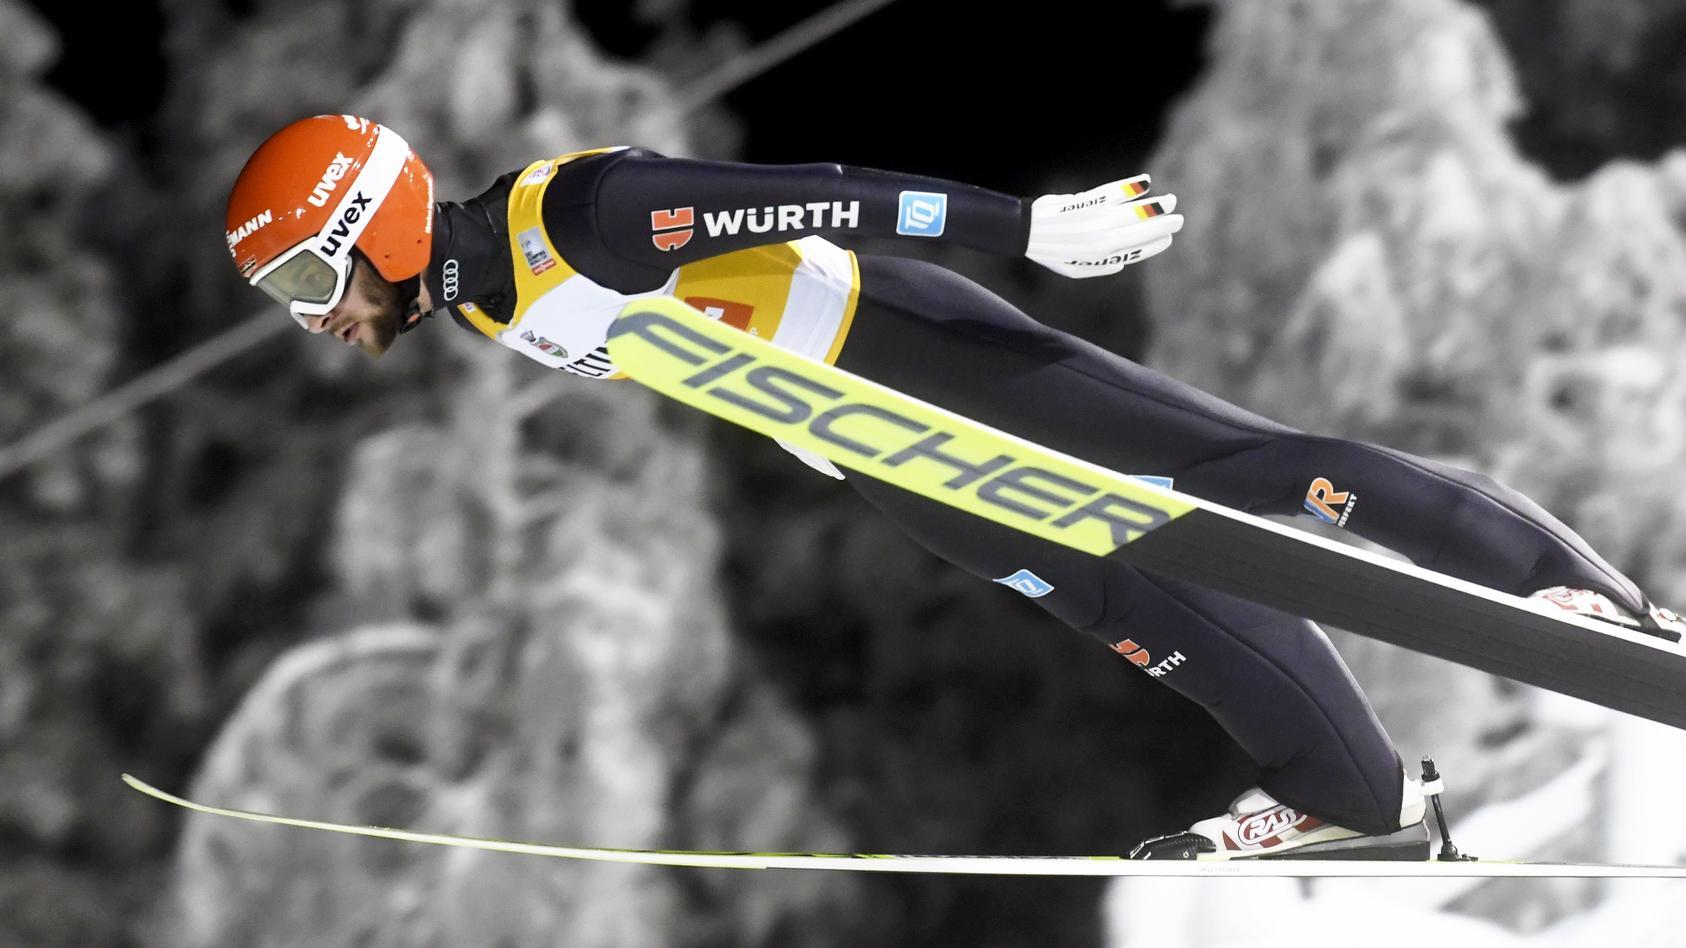 Skisprung-Weltmeister Markus Eisenbichler gewinnt auch in Kuusamo